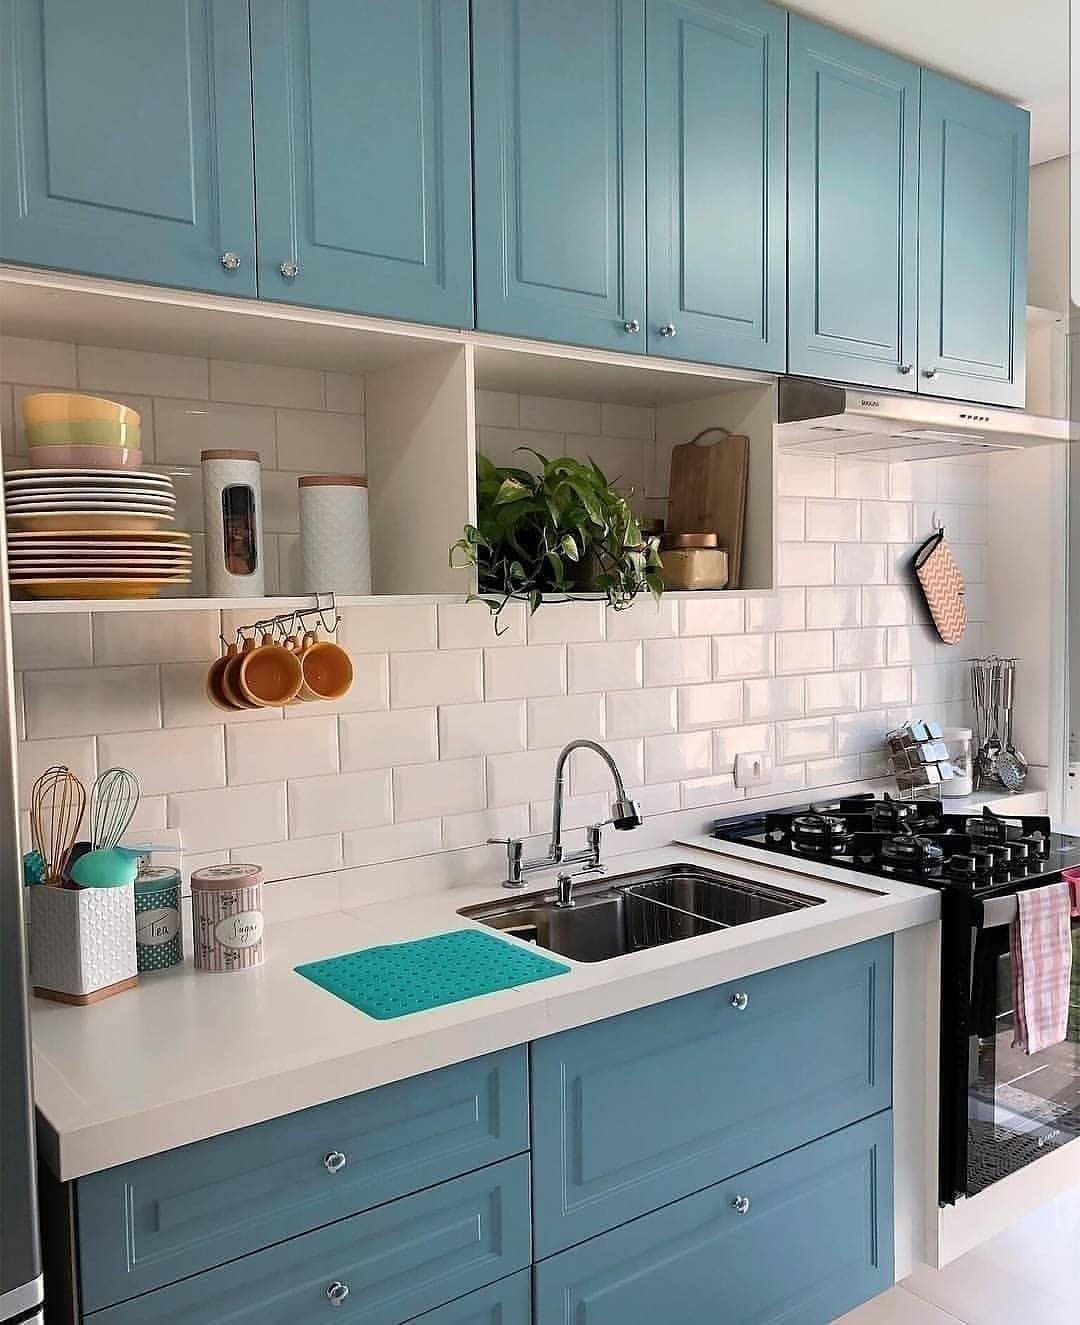 Gambar Motif Keramik Dinding Dapur Minimalis | rumahtopia ...